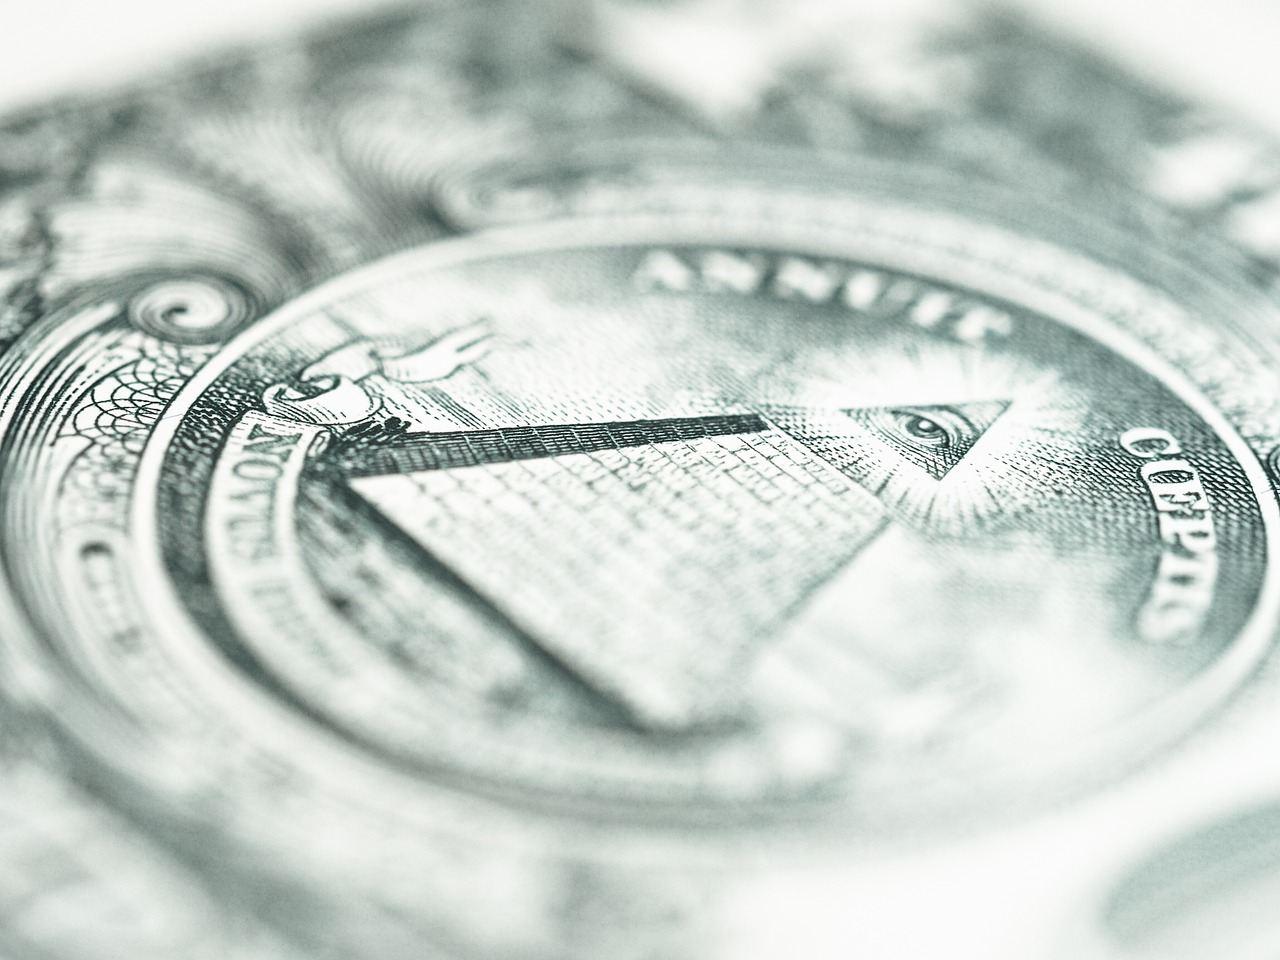 peníze, stát, vlády, tvorba peněz, banka, banky, bankovka, státní, kdo vytváří peníze